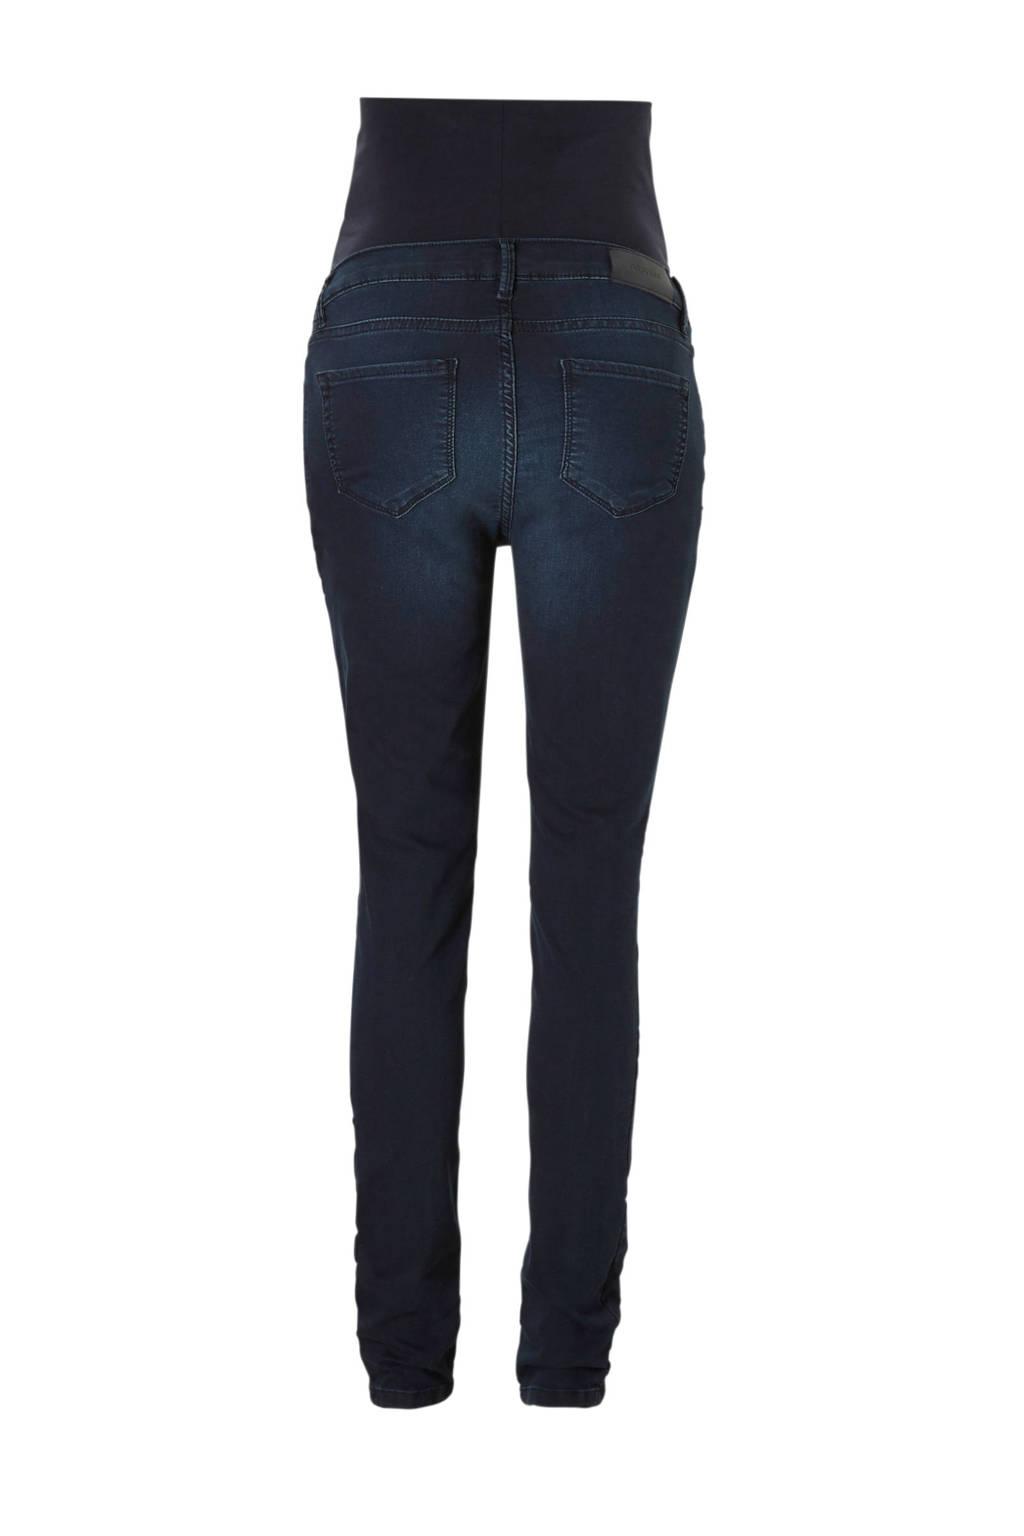 Noppies zwangerschaps positie skinny jeans Avi, Donkerblauw